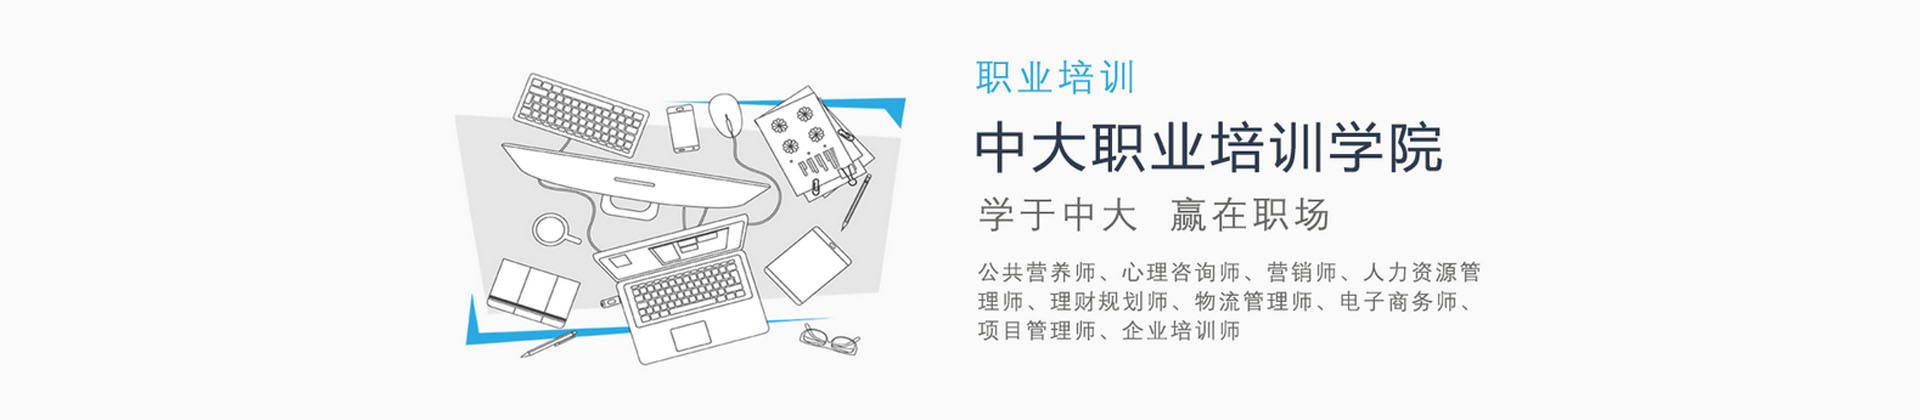 廣州中大職業培訓學院